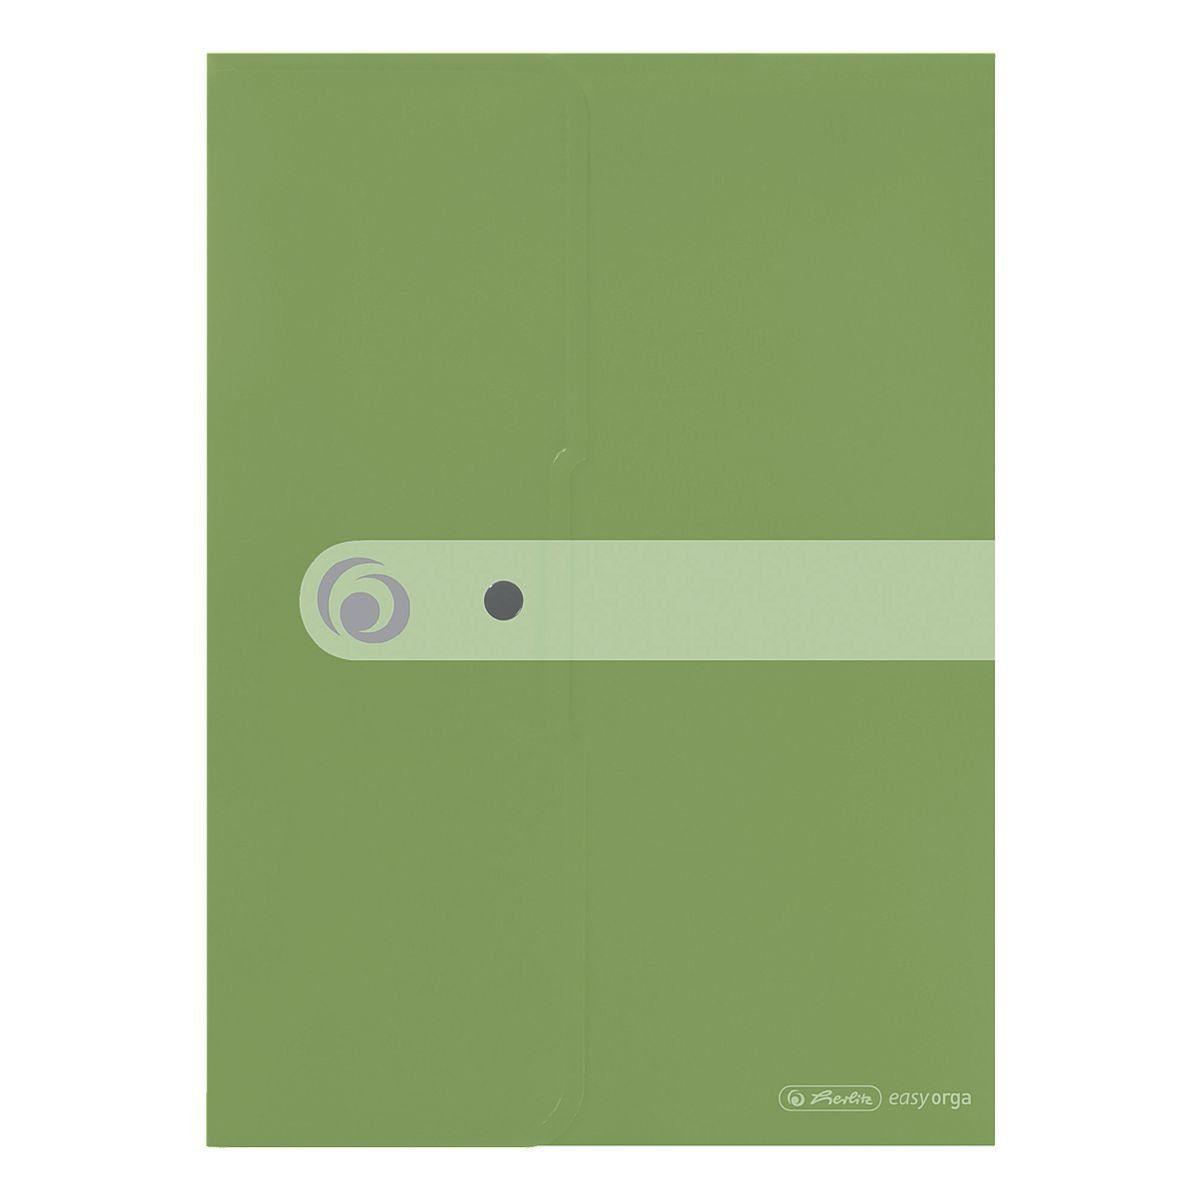 Dokumententasche A4 mit Druckknopf »easy orga«